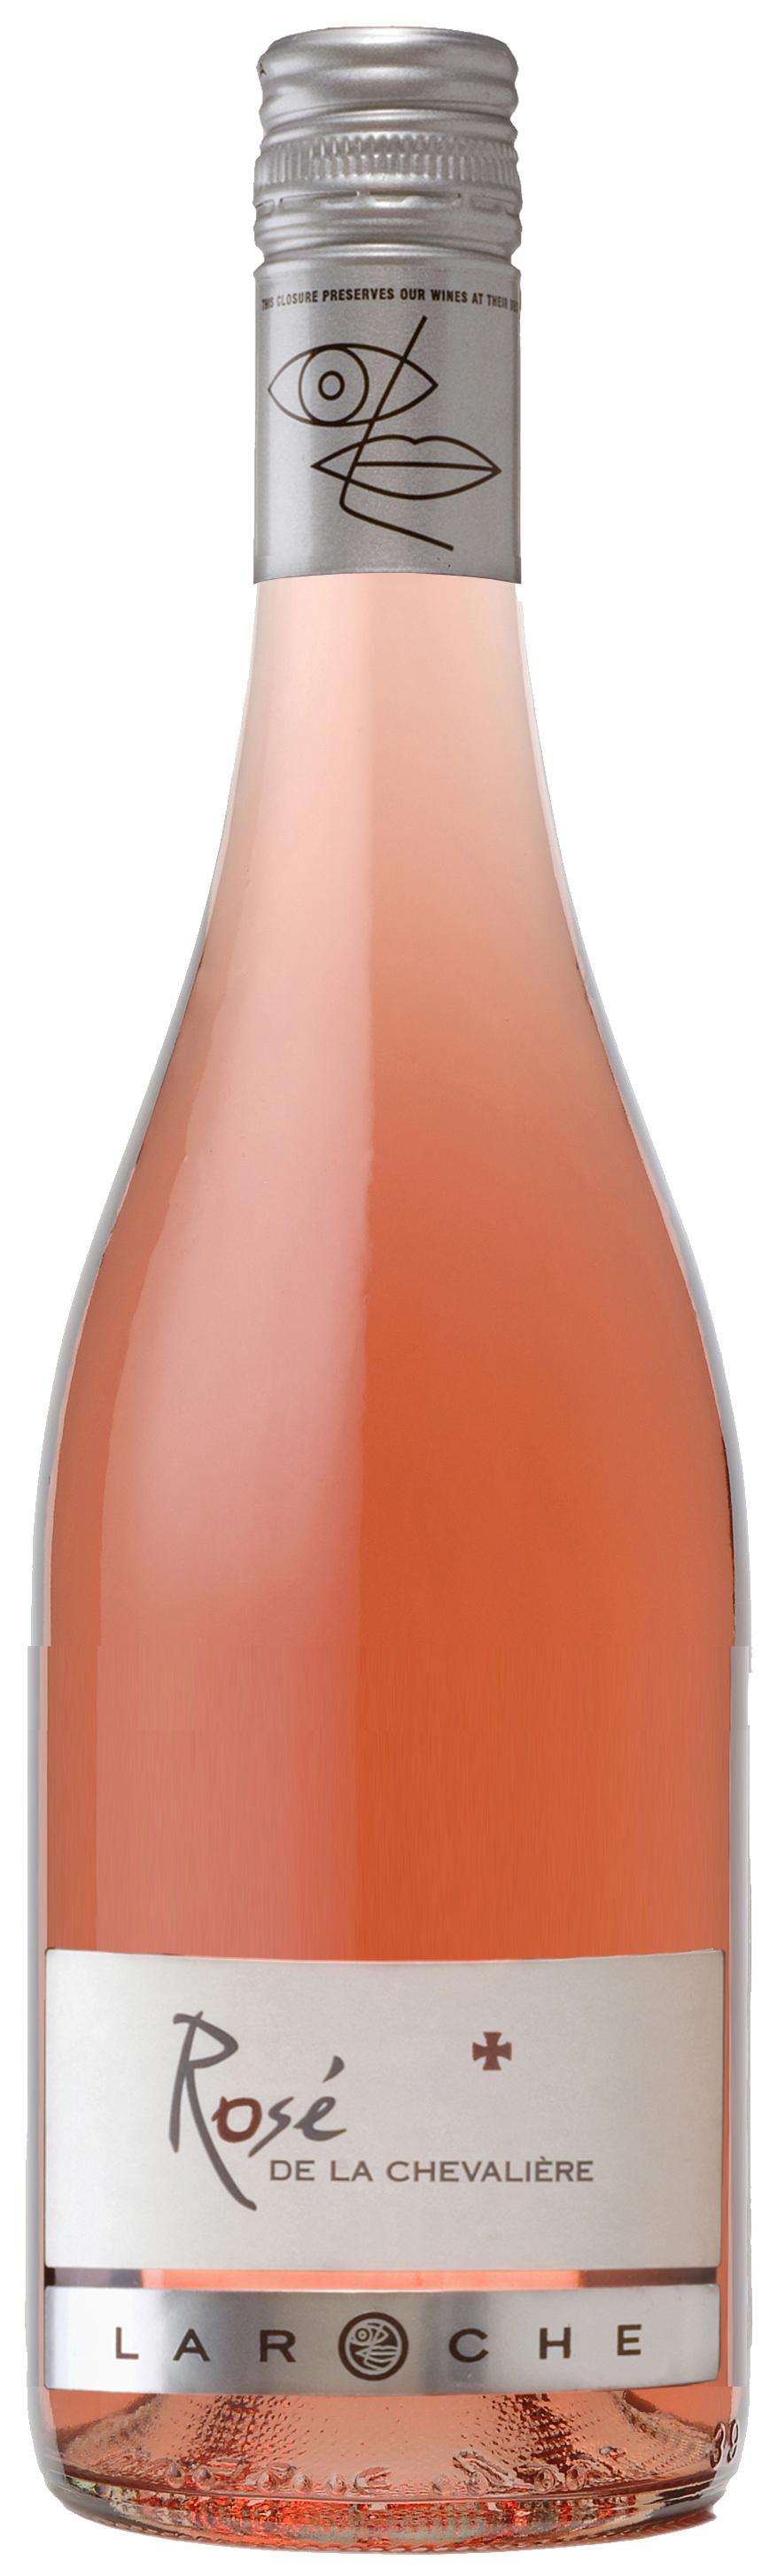 Laroche Rosé de la Chevalière